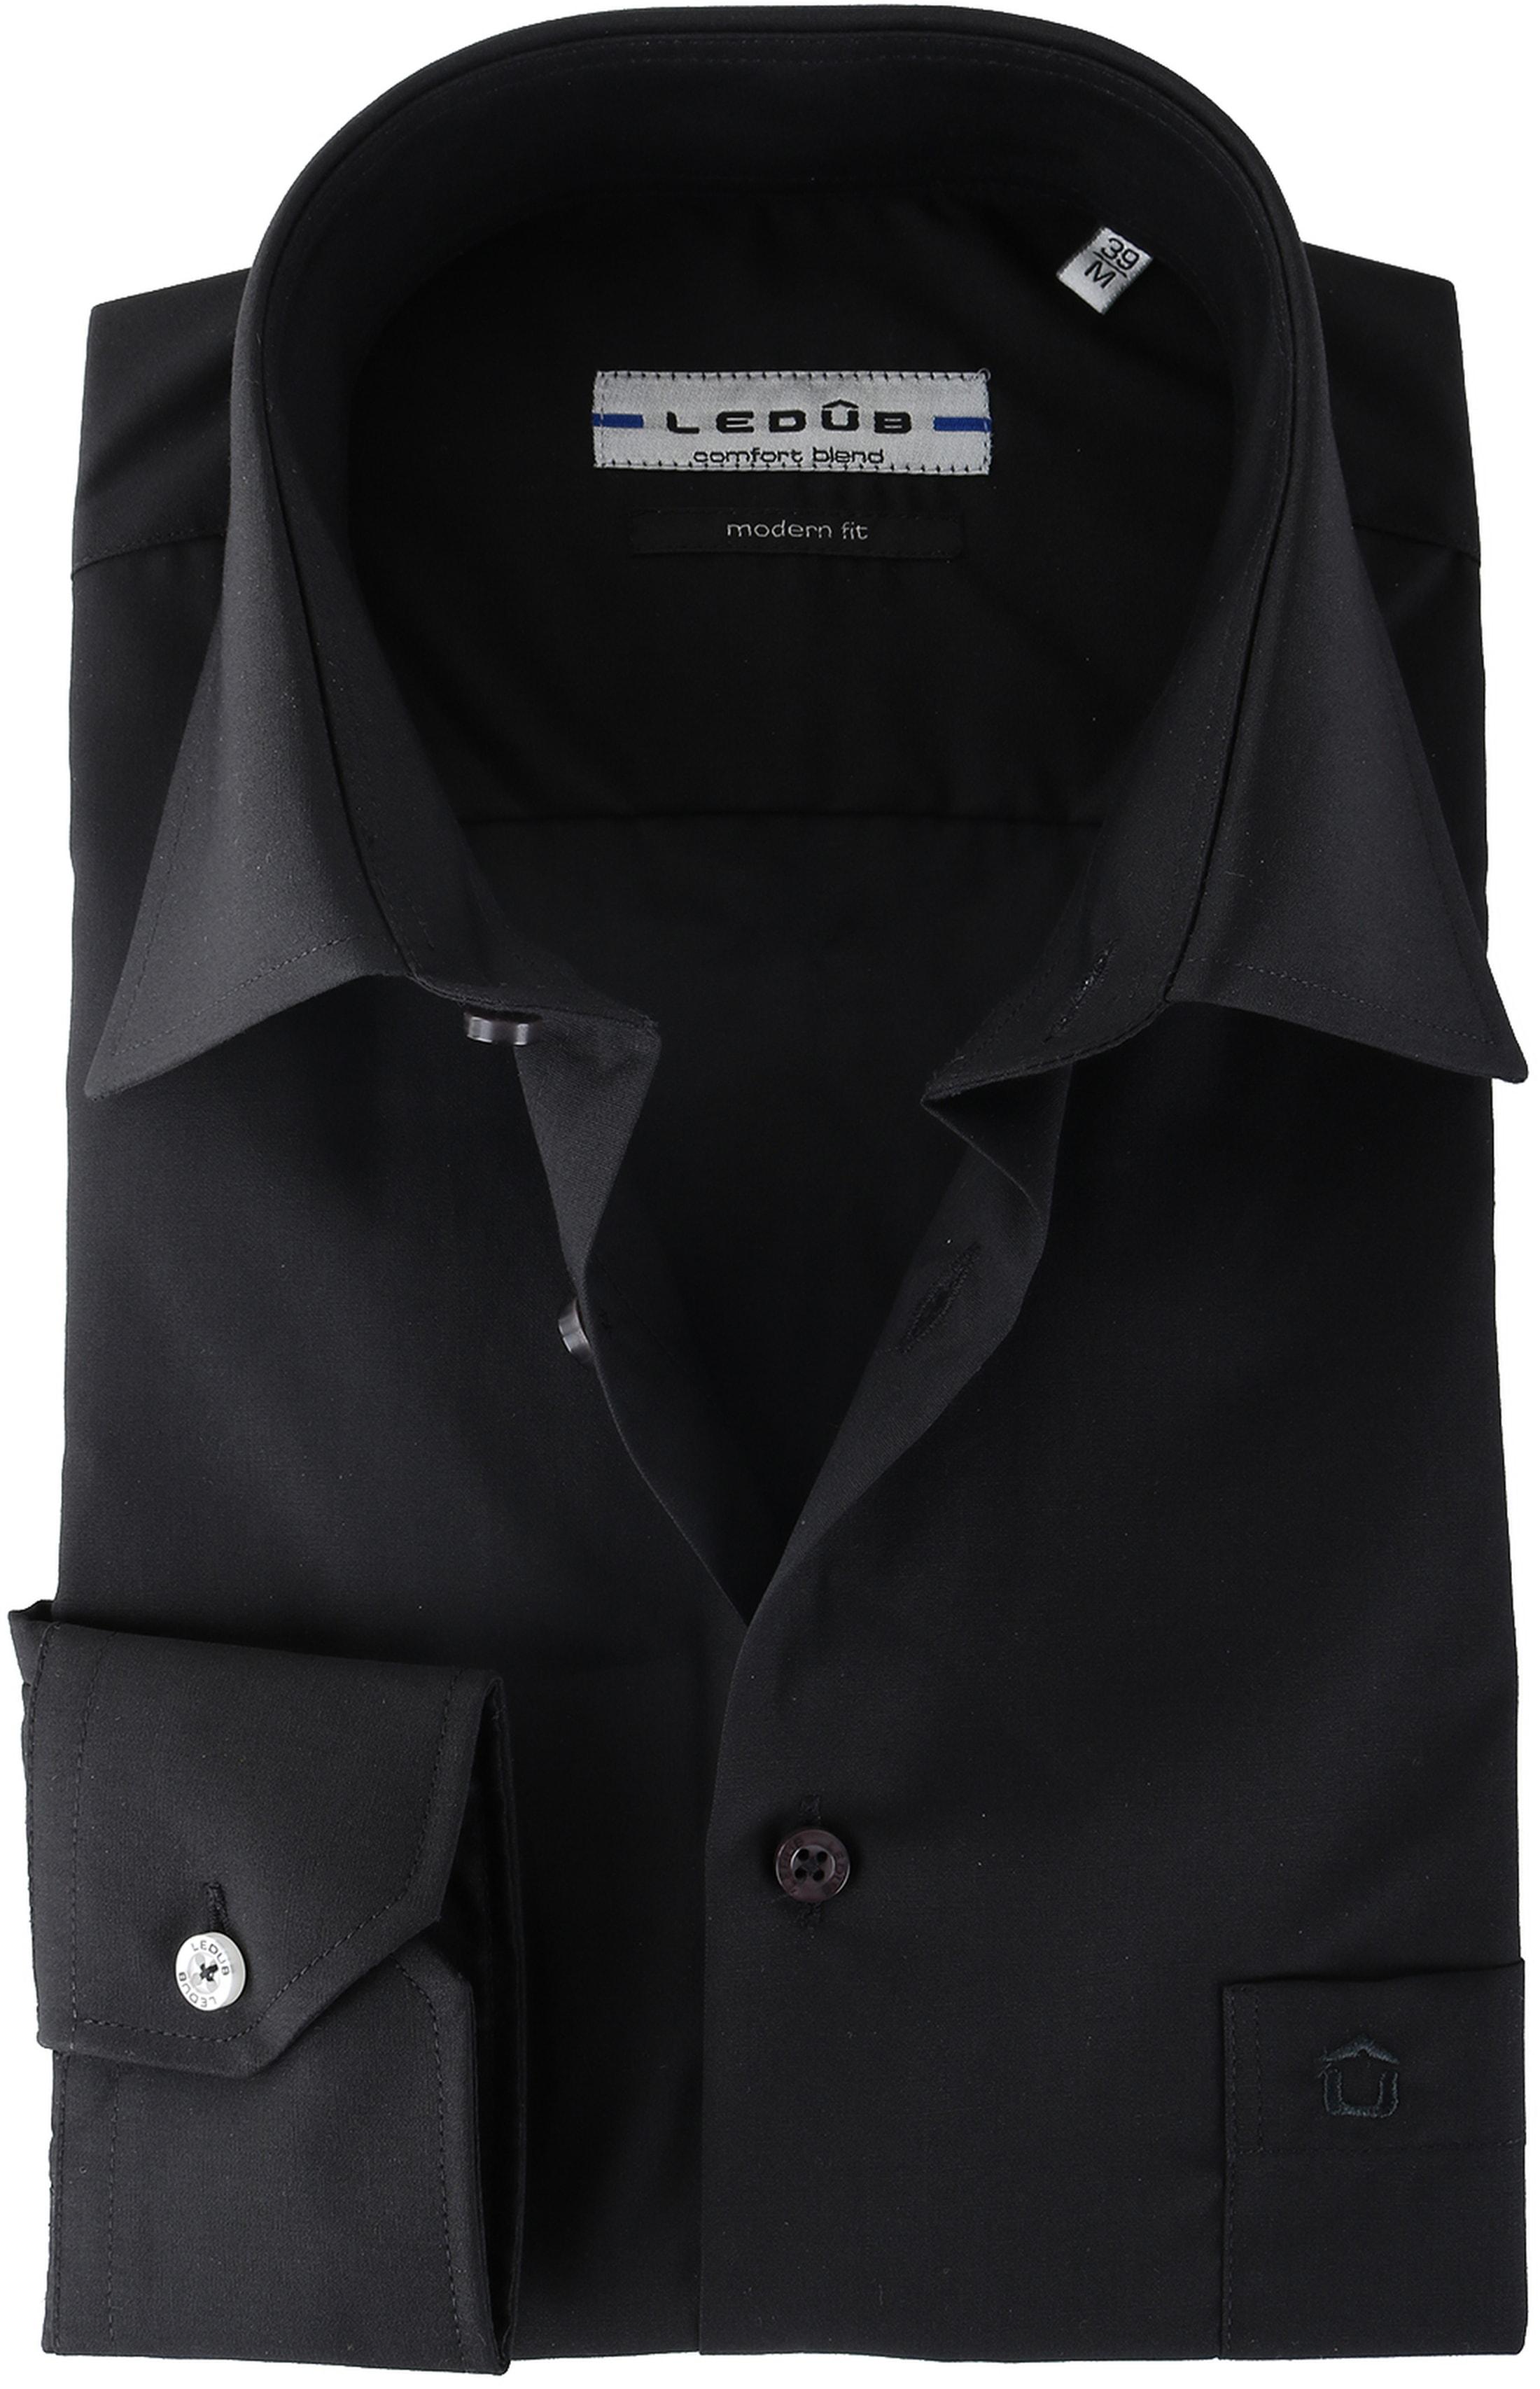 Ledub Hemd Schwarz Modern Fit